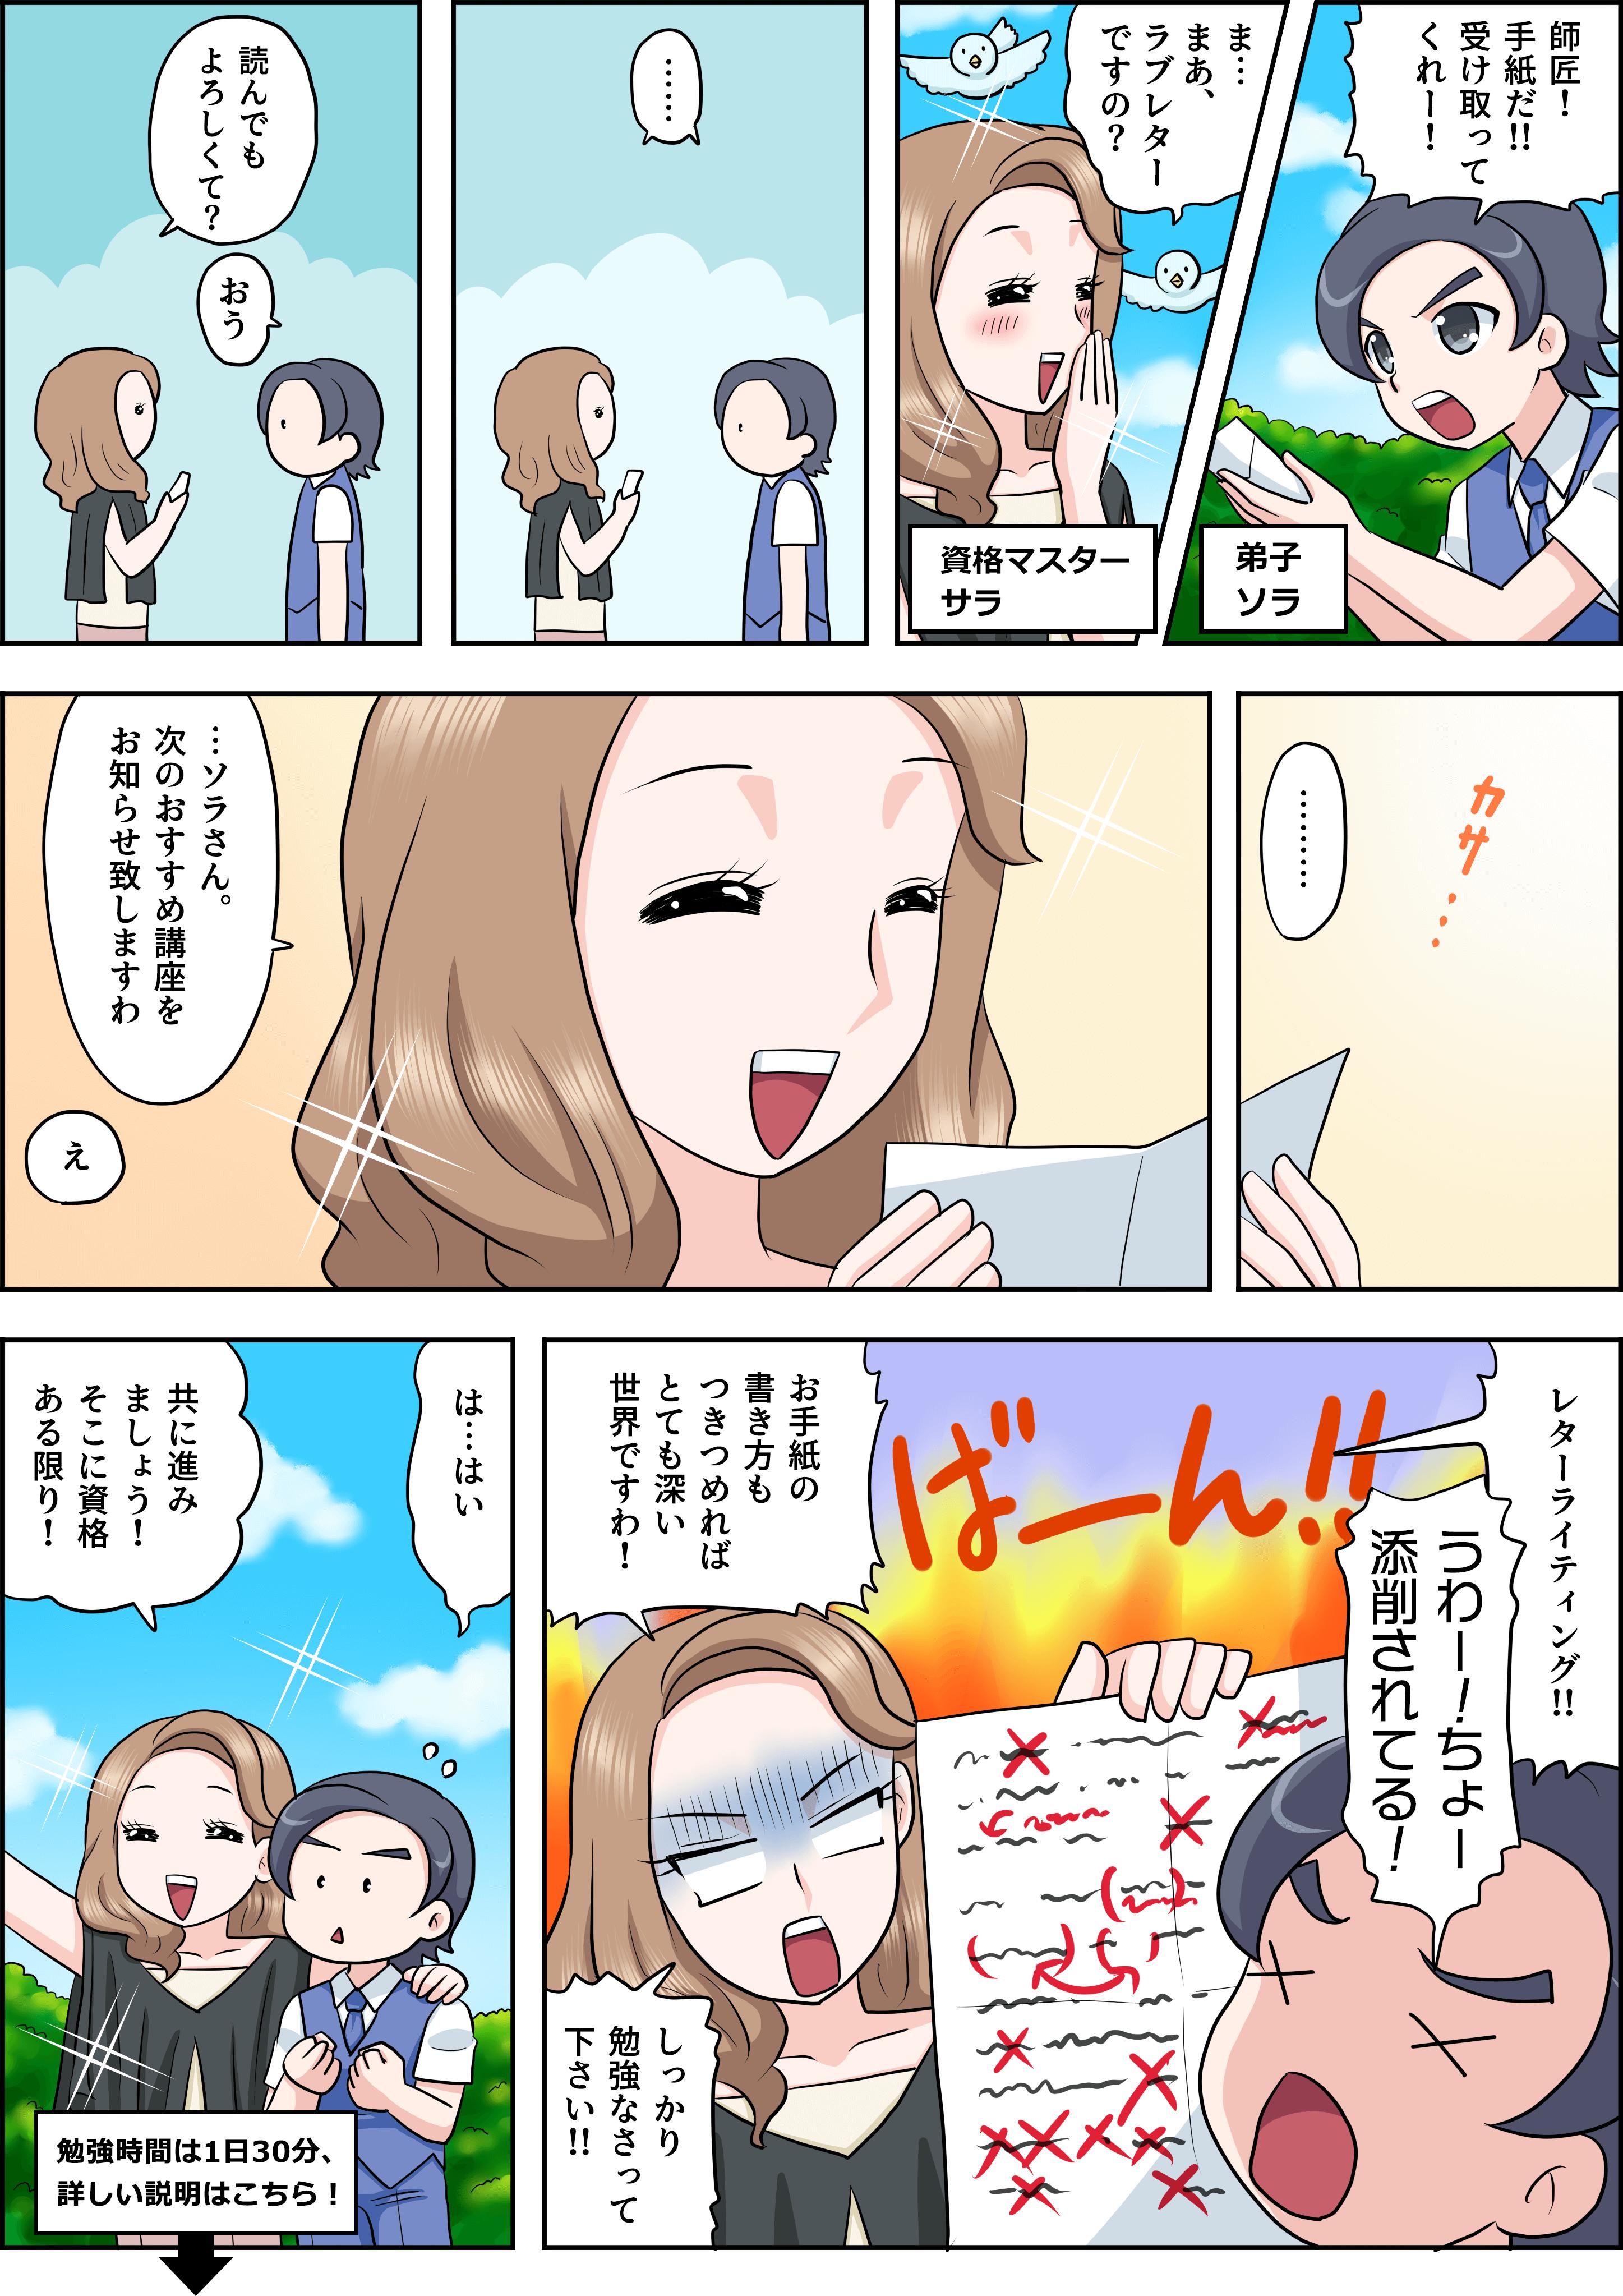 手紙の書き方の漫画